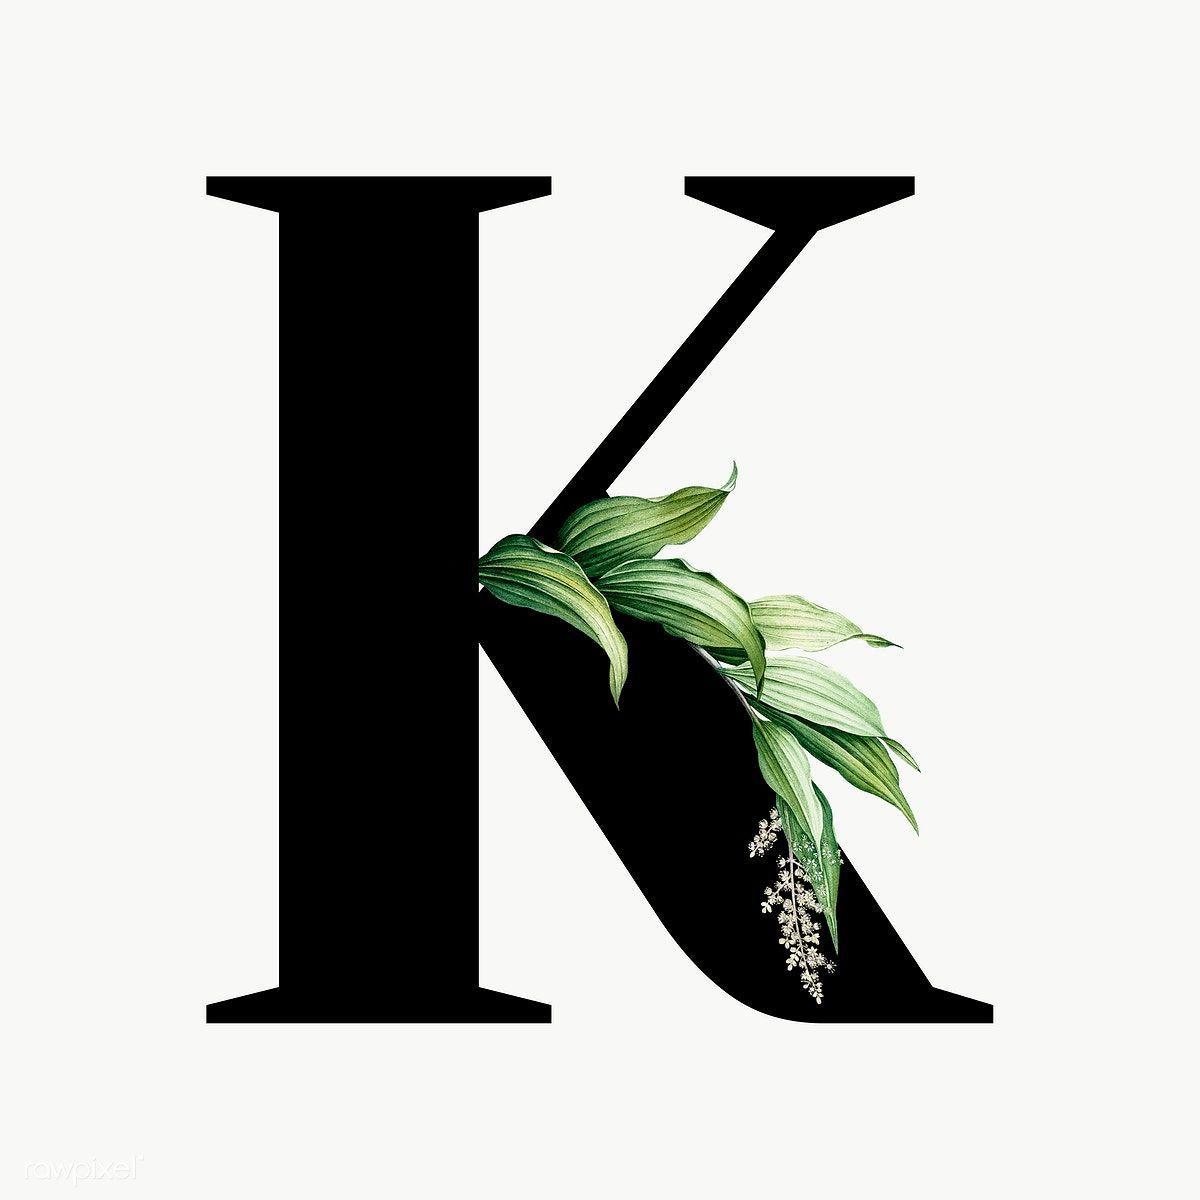 Download Premium Png Of Botanical Capital Letter K Transparent Png 584898 Floral Poster Floral Letters Lettering Alphabet